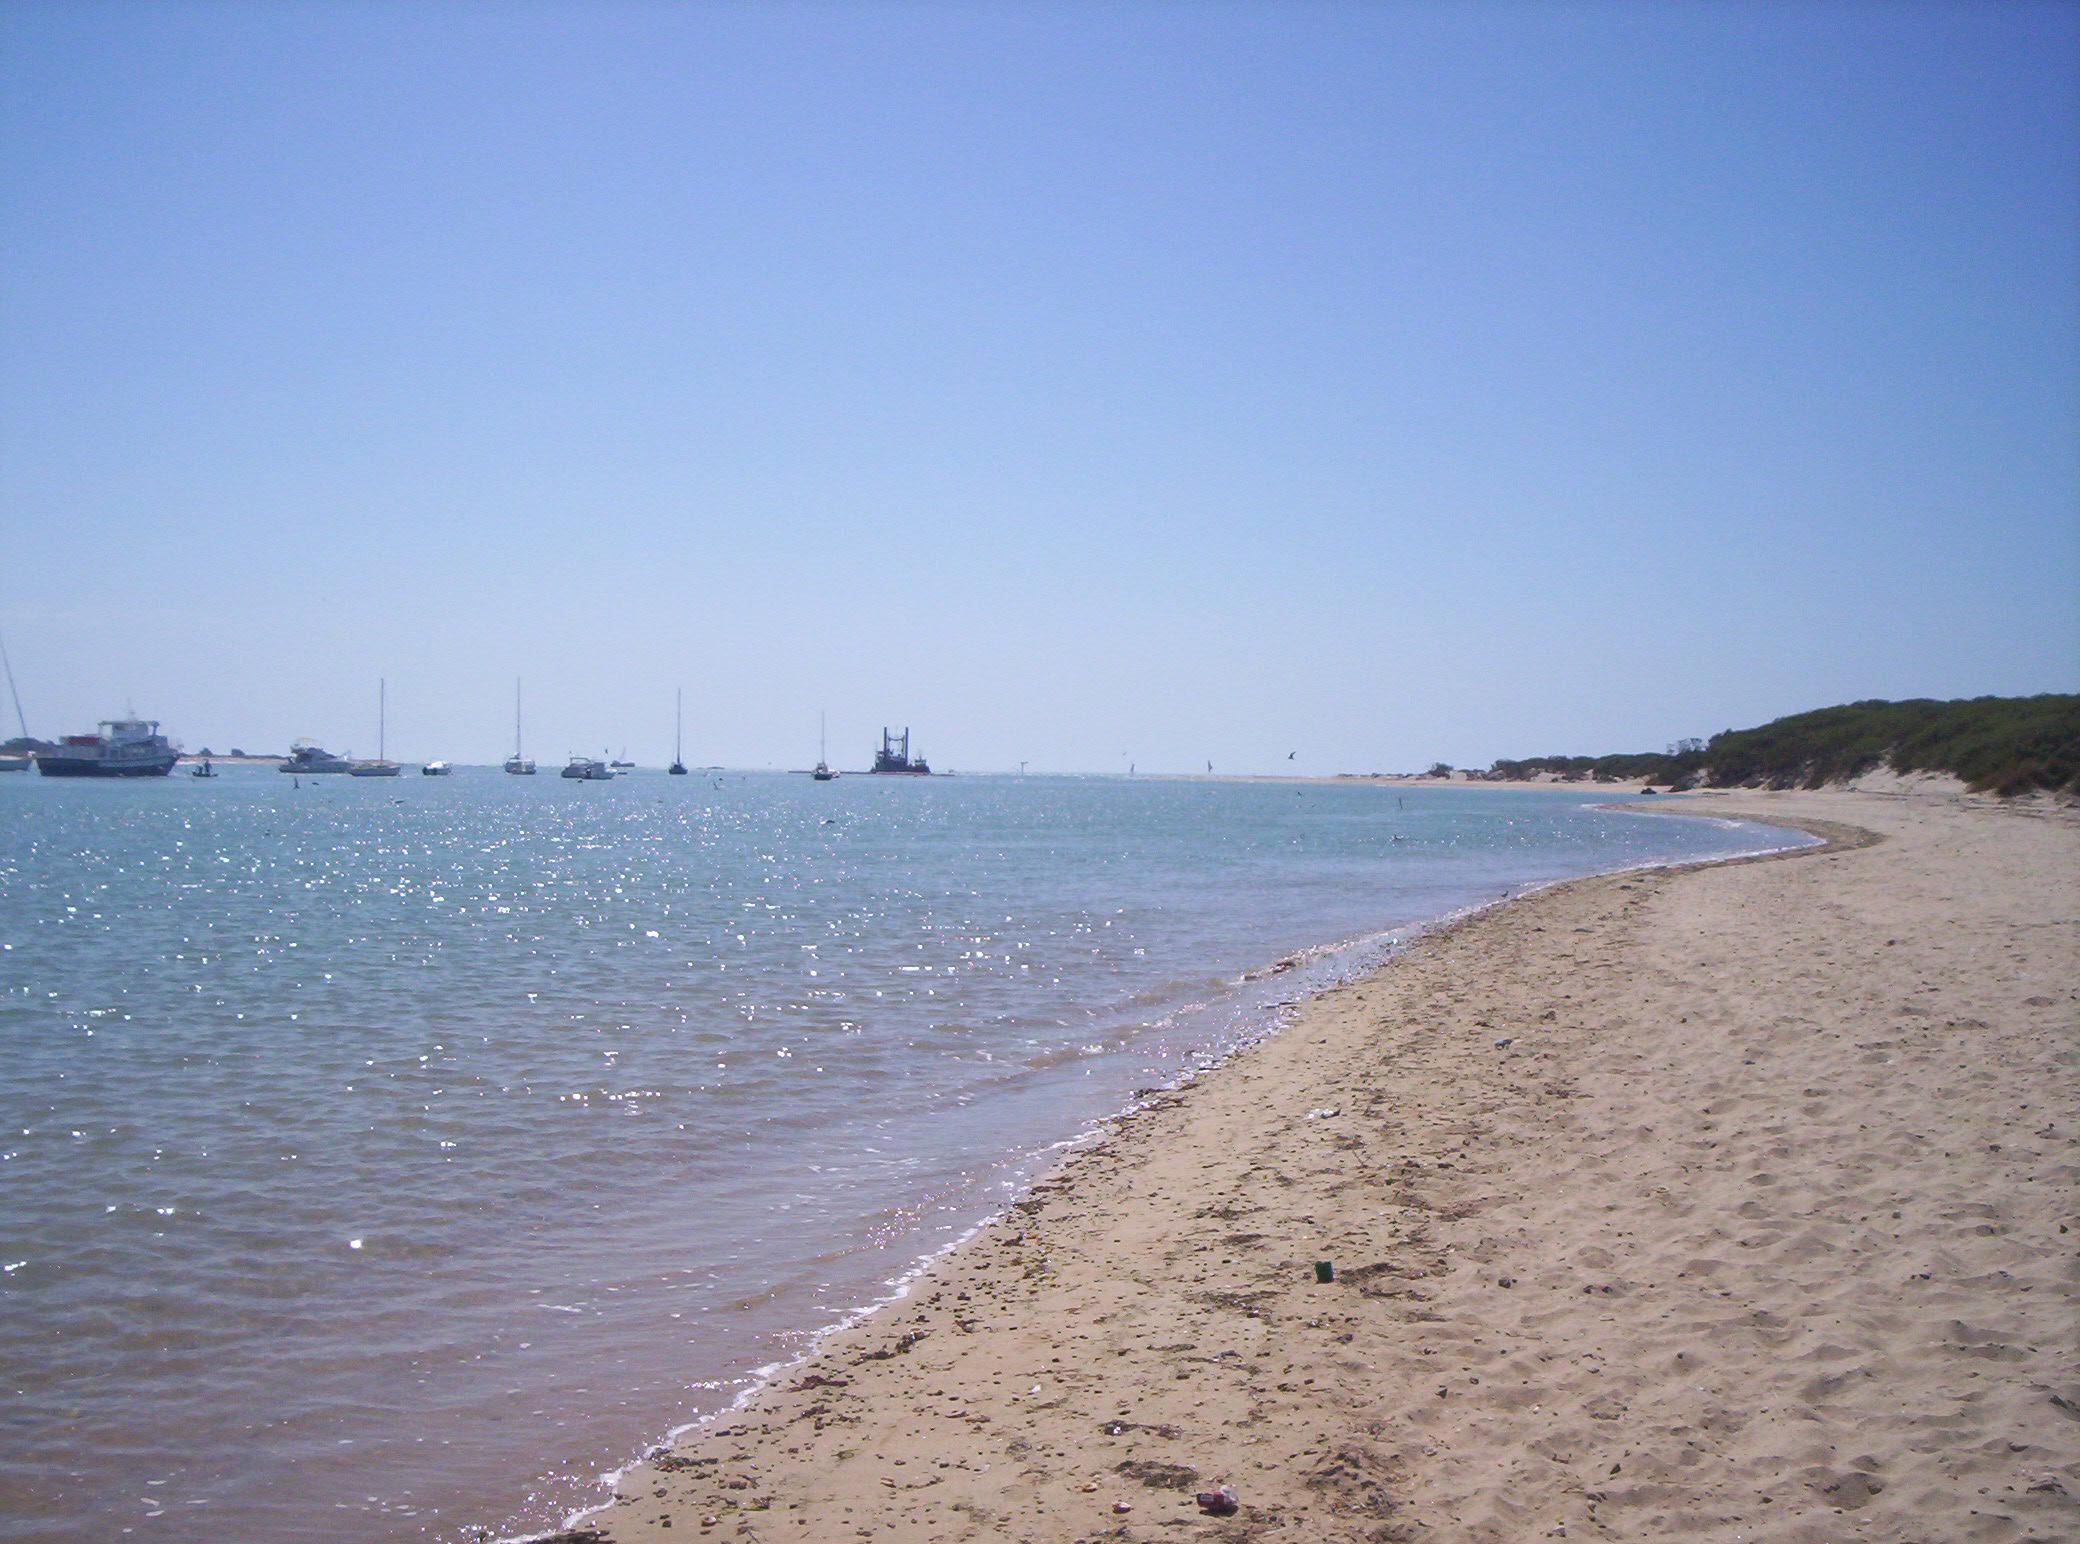 Playa de Chiclana de la Frontera